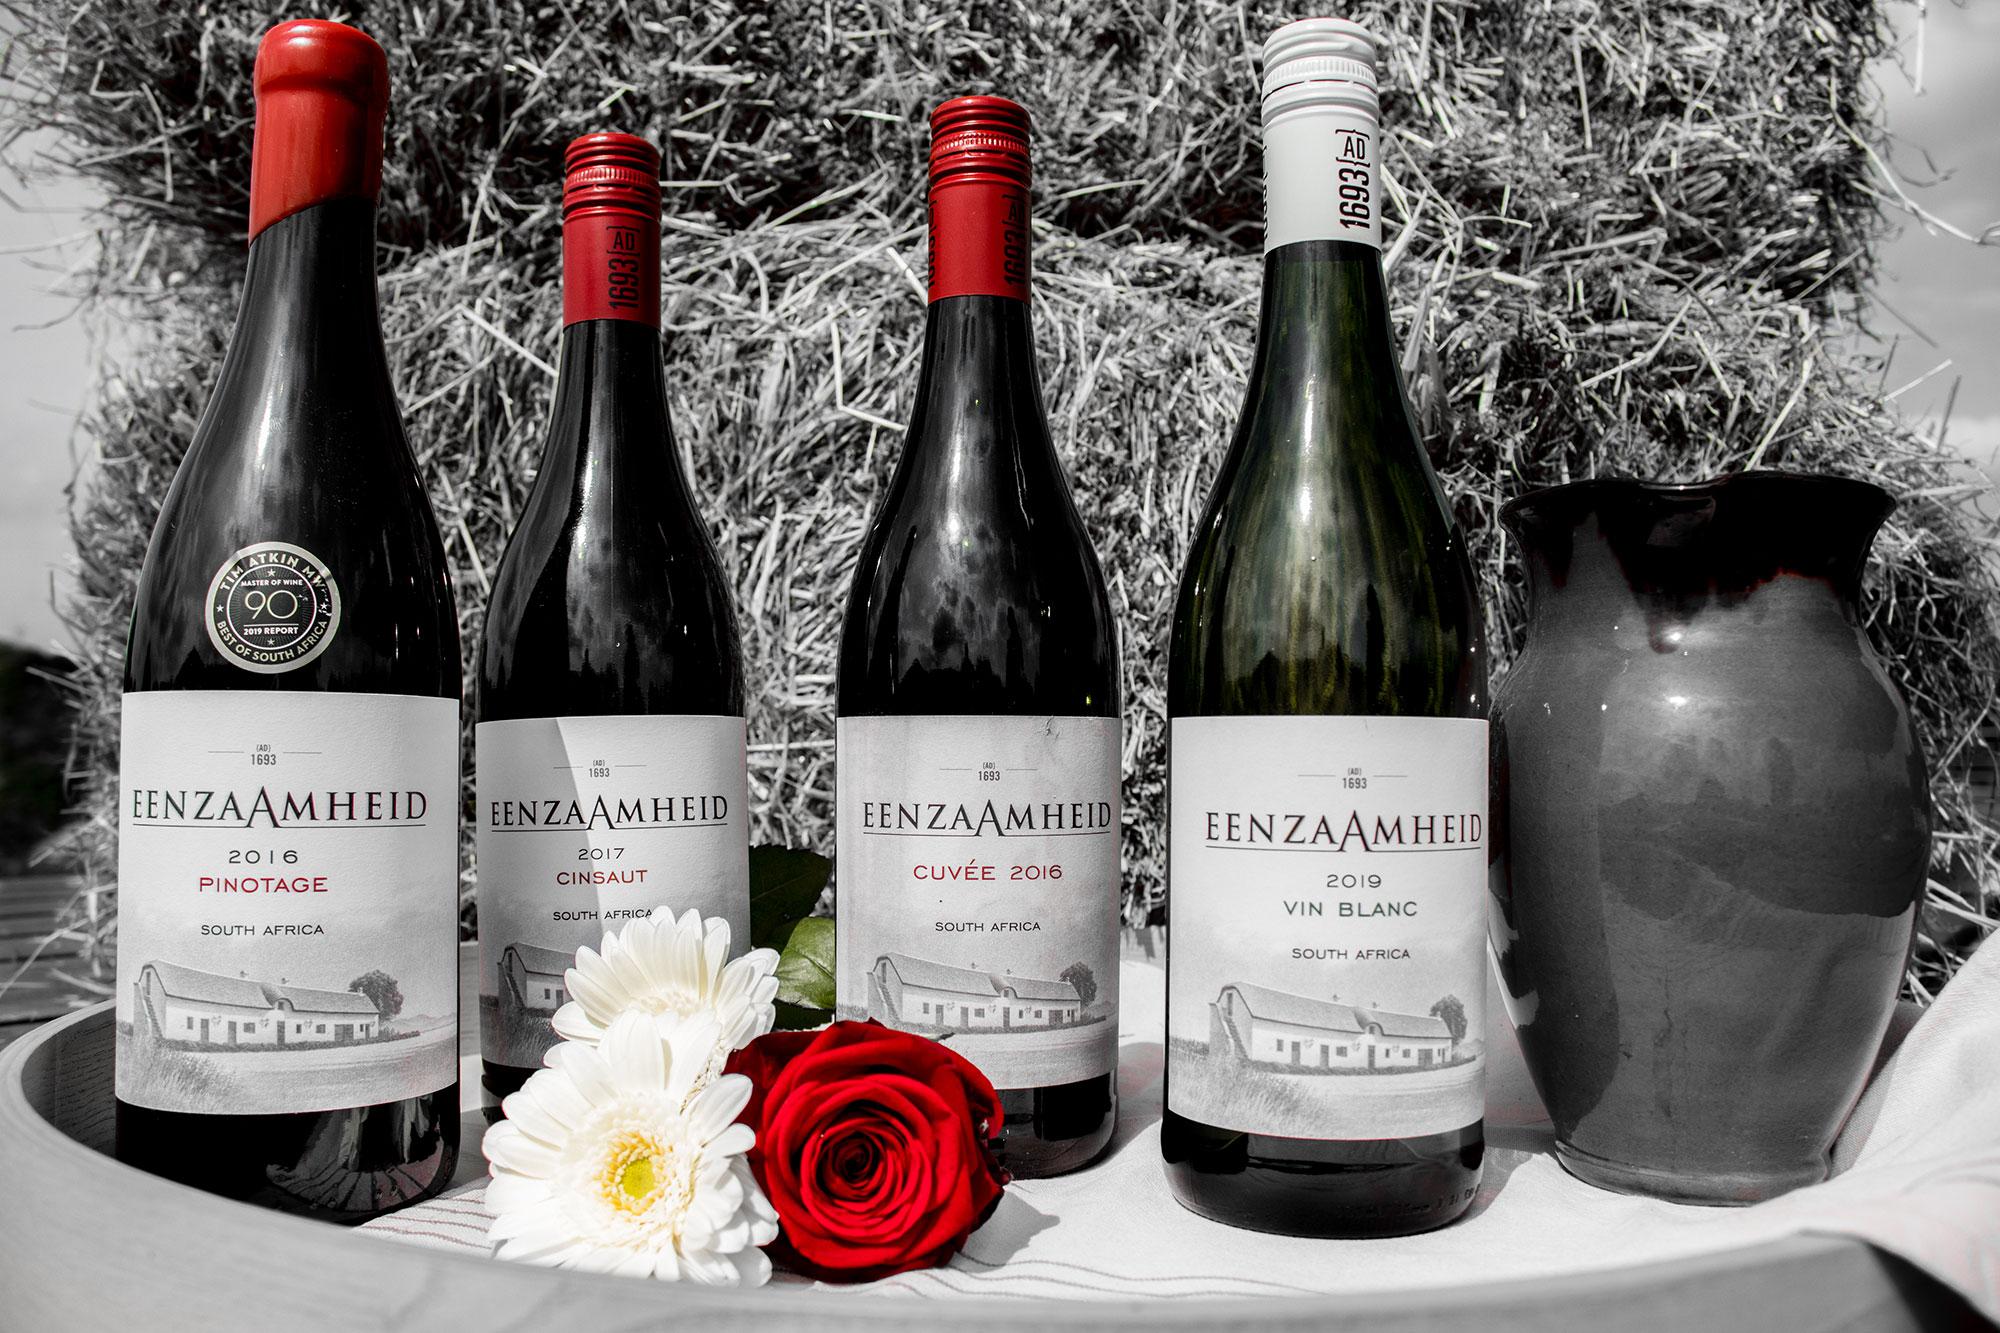 Nieuw wijnhuis: Eenzaamheid